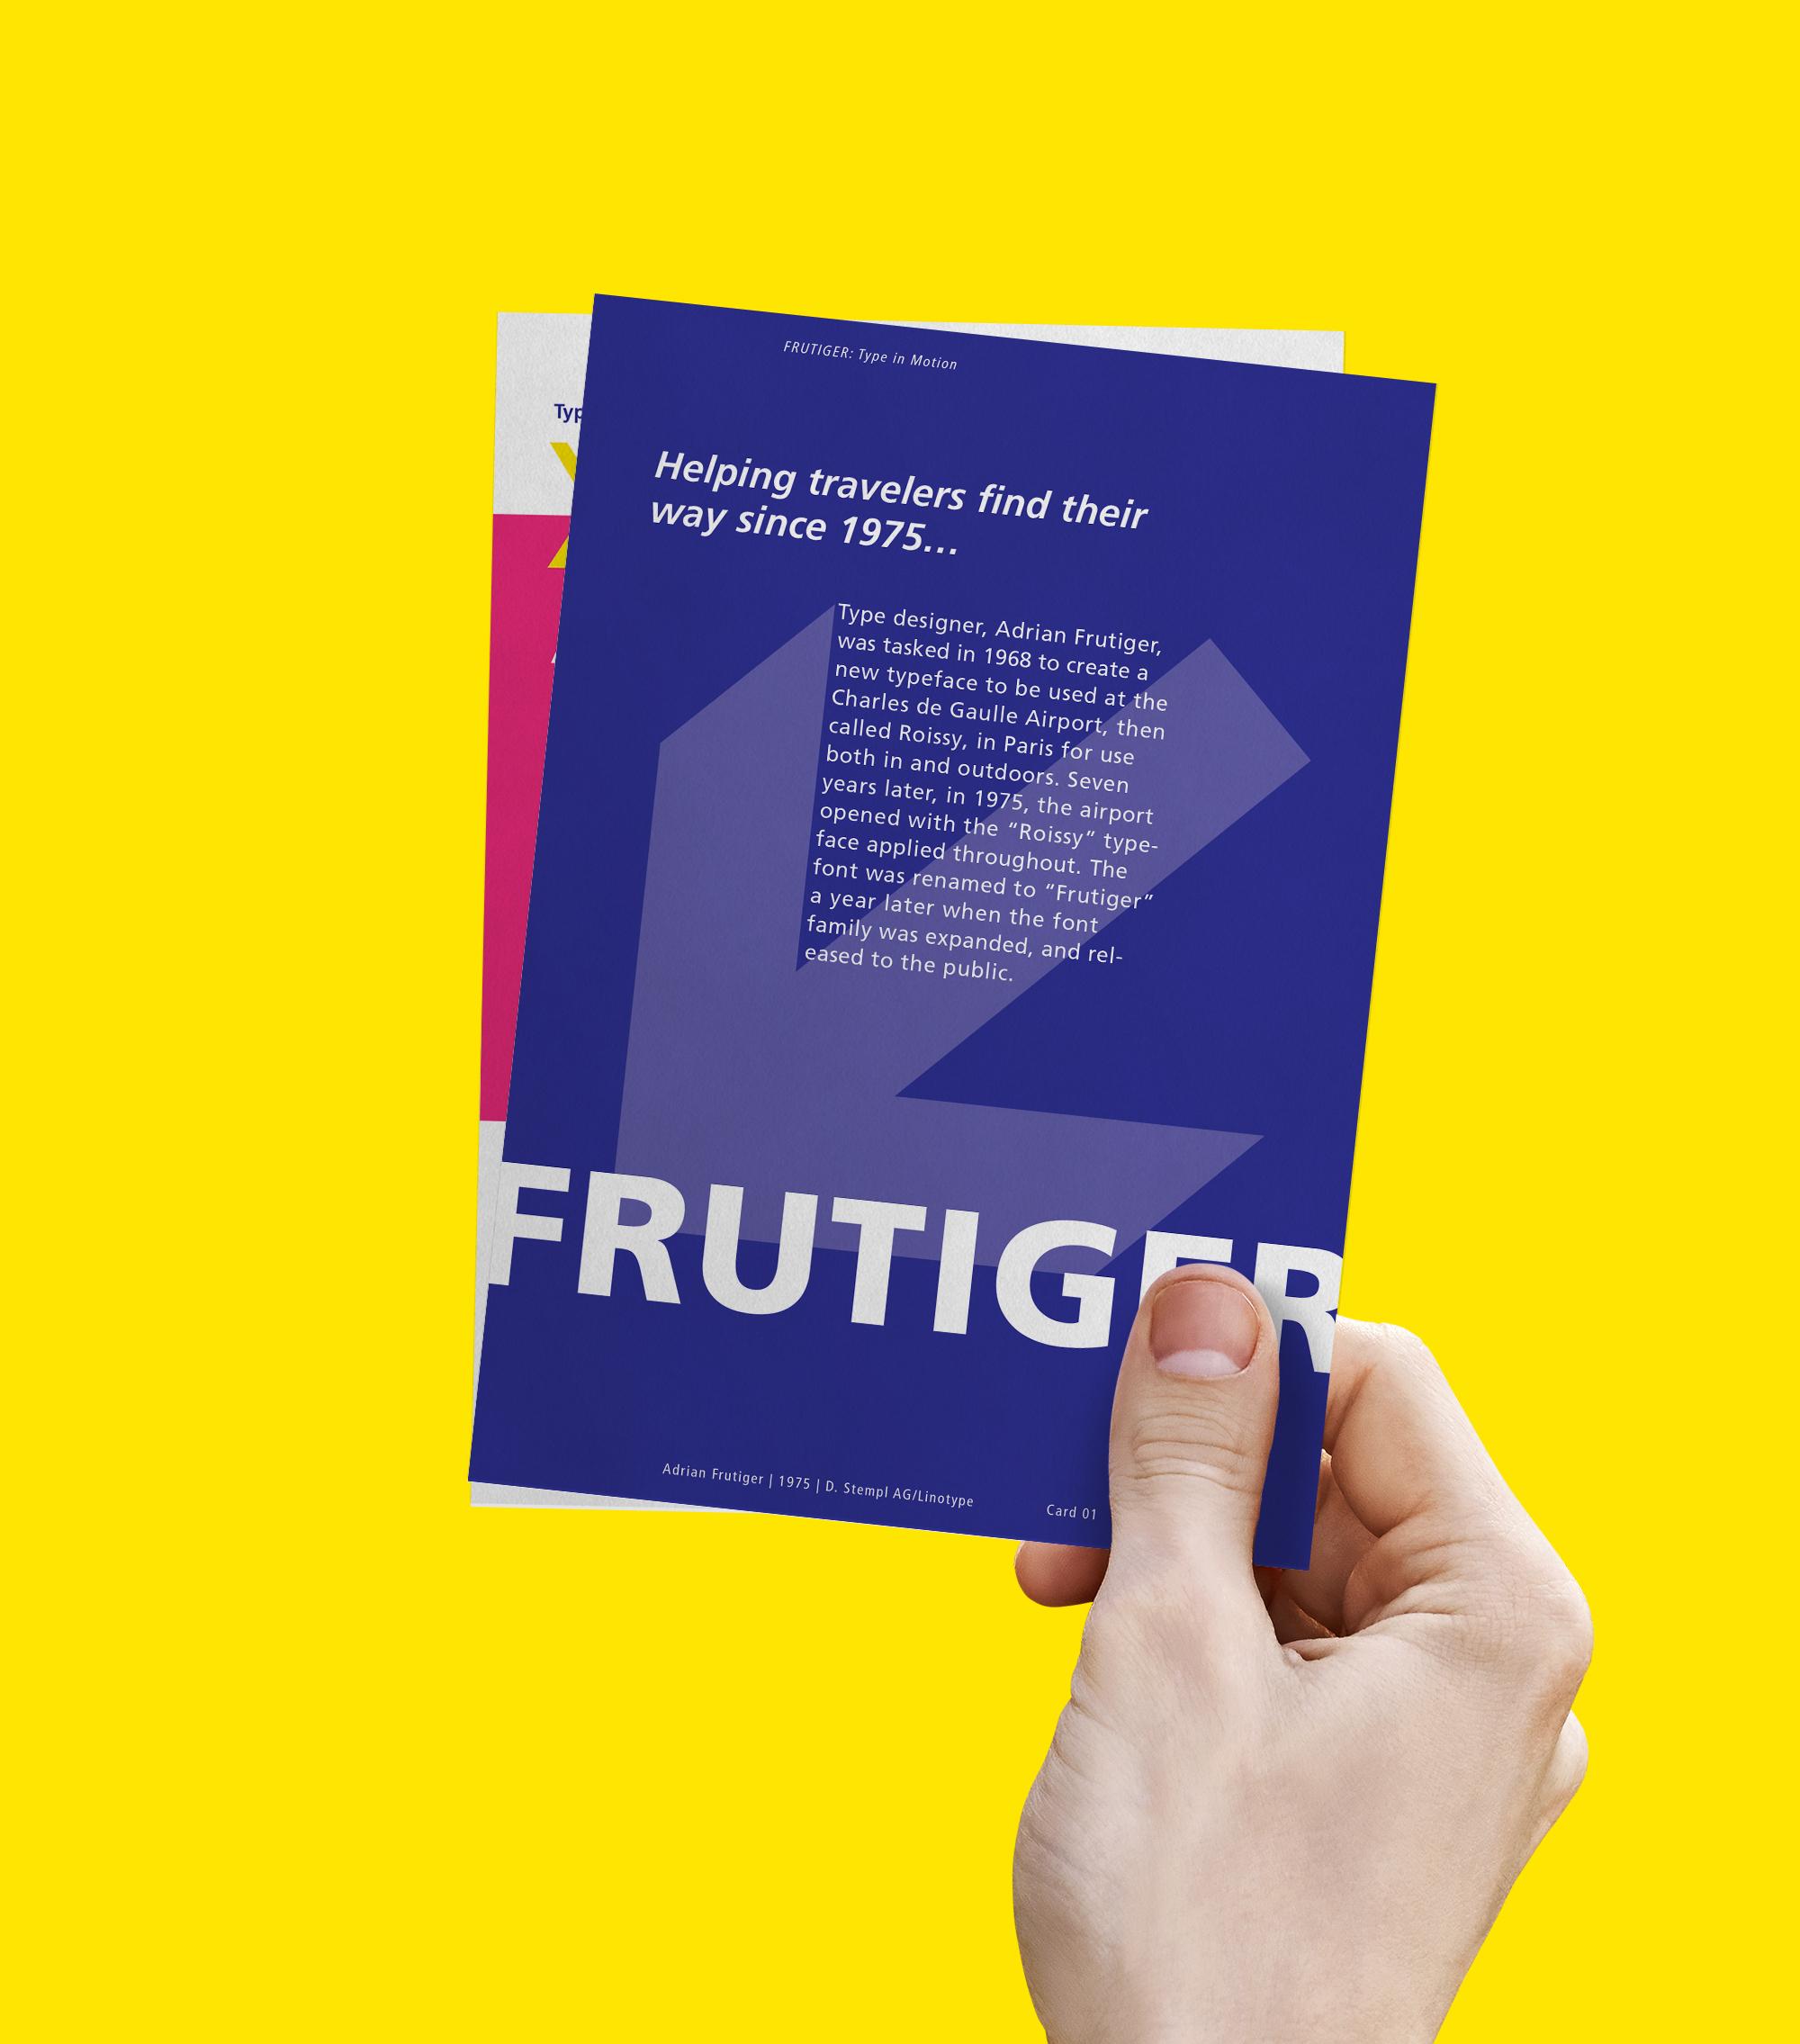 Frutiger_card_hand.jpg